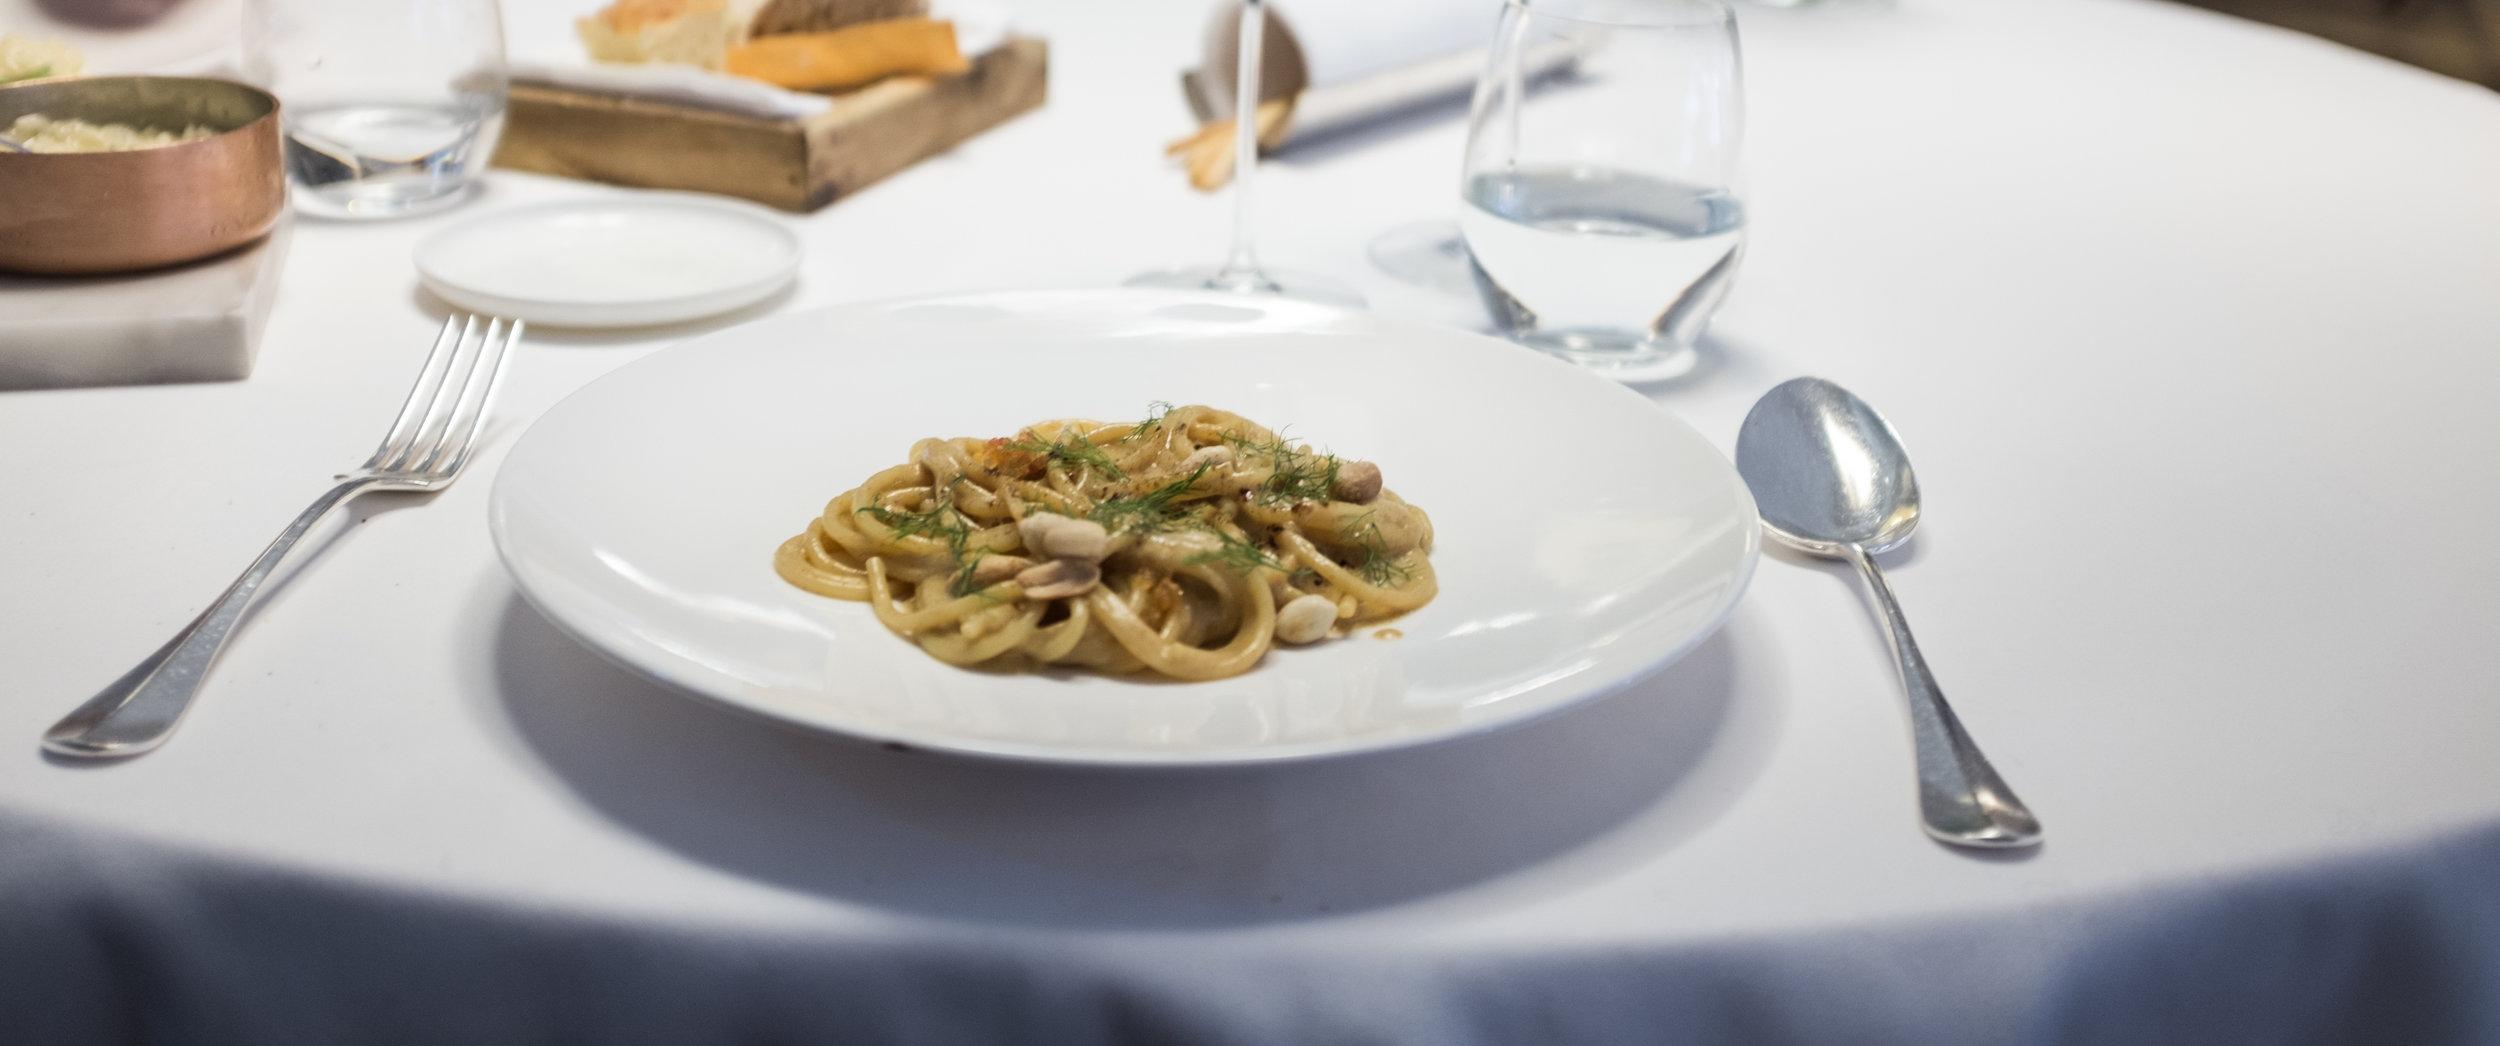 Casual. Spagečiai su raudonaisiais ikrais ir žemės riešutais.  Casual. Spaghetti with red caviar and peanuts.